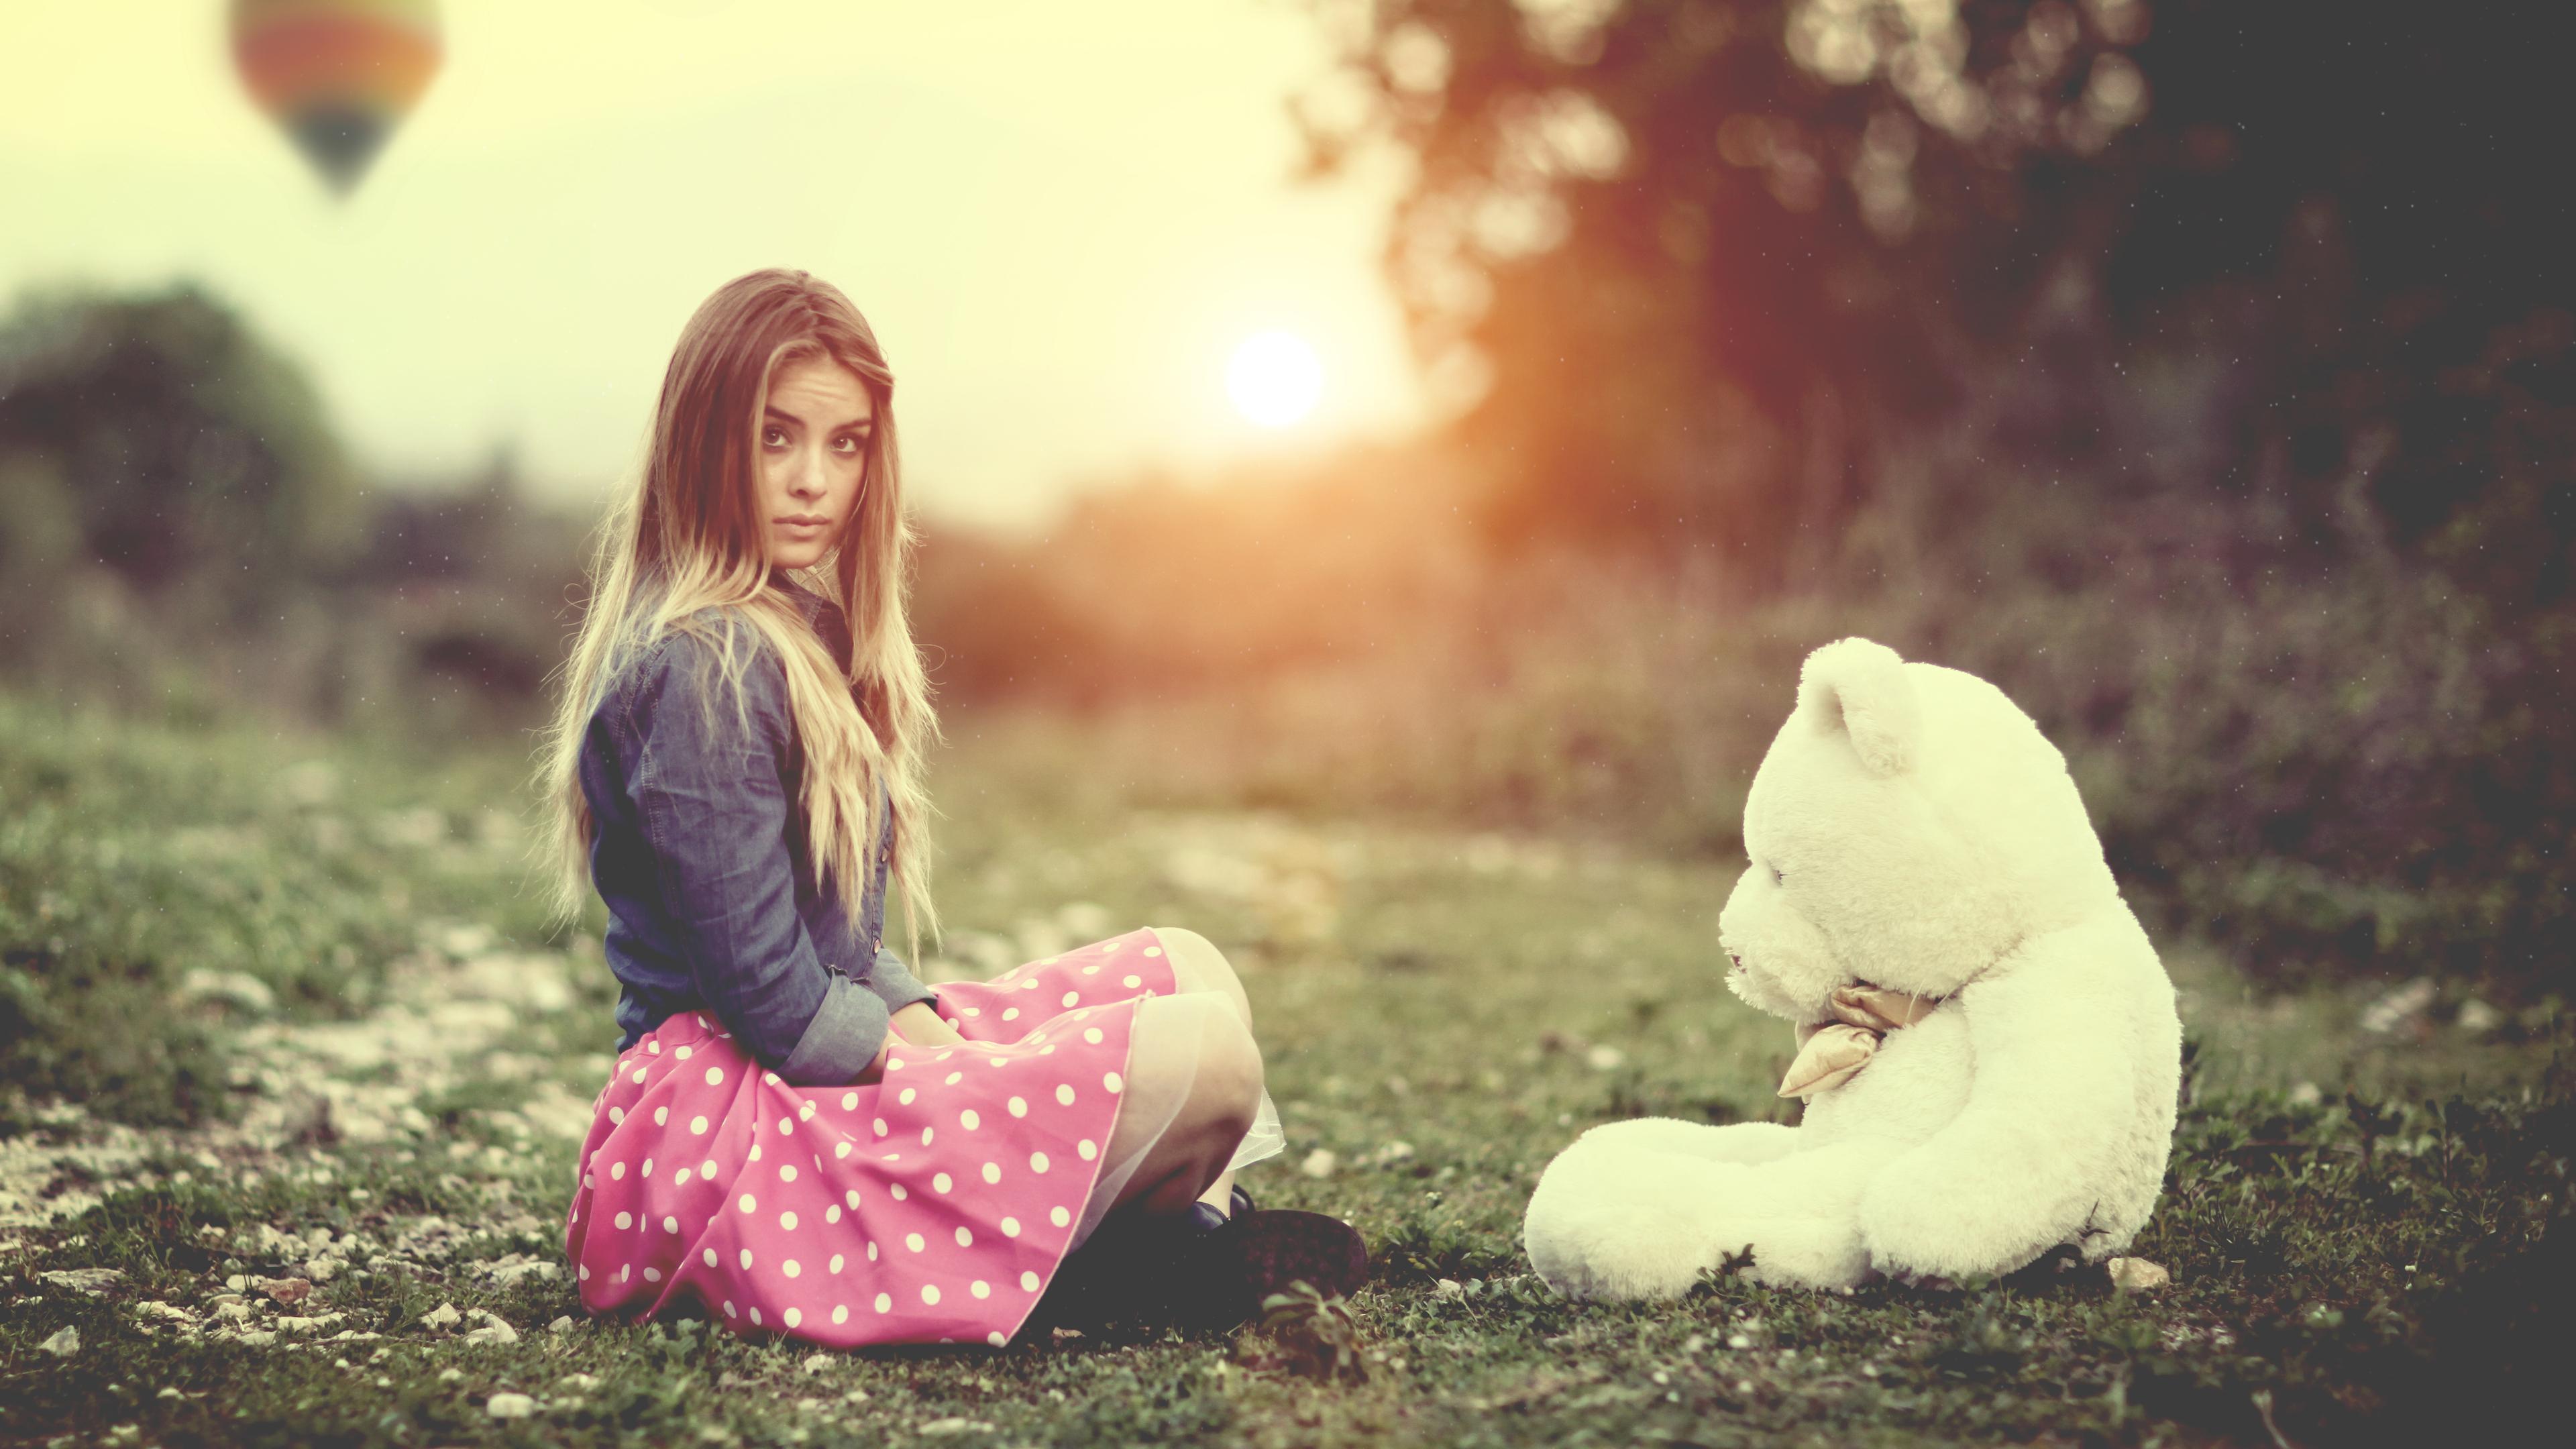 girl-with-teddy-bear.jpg